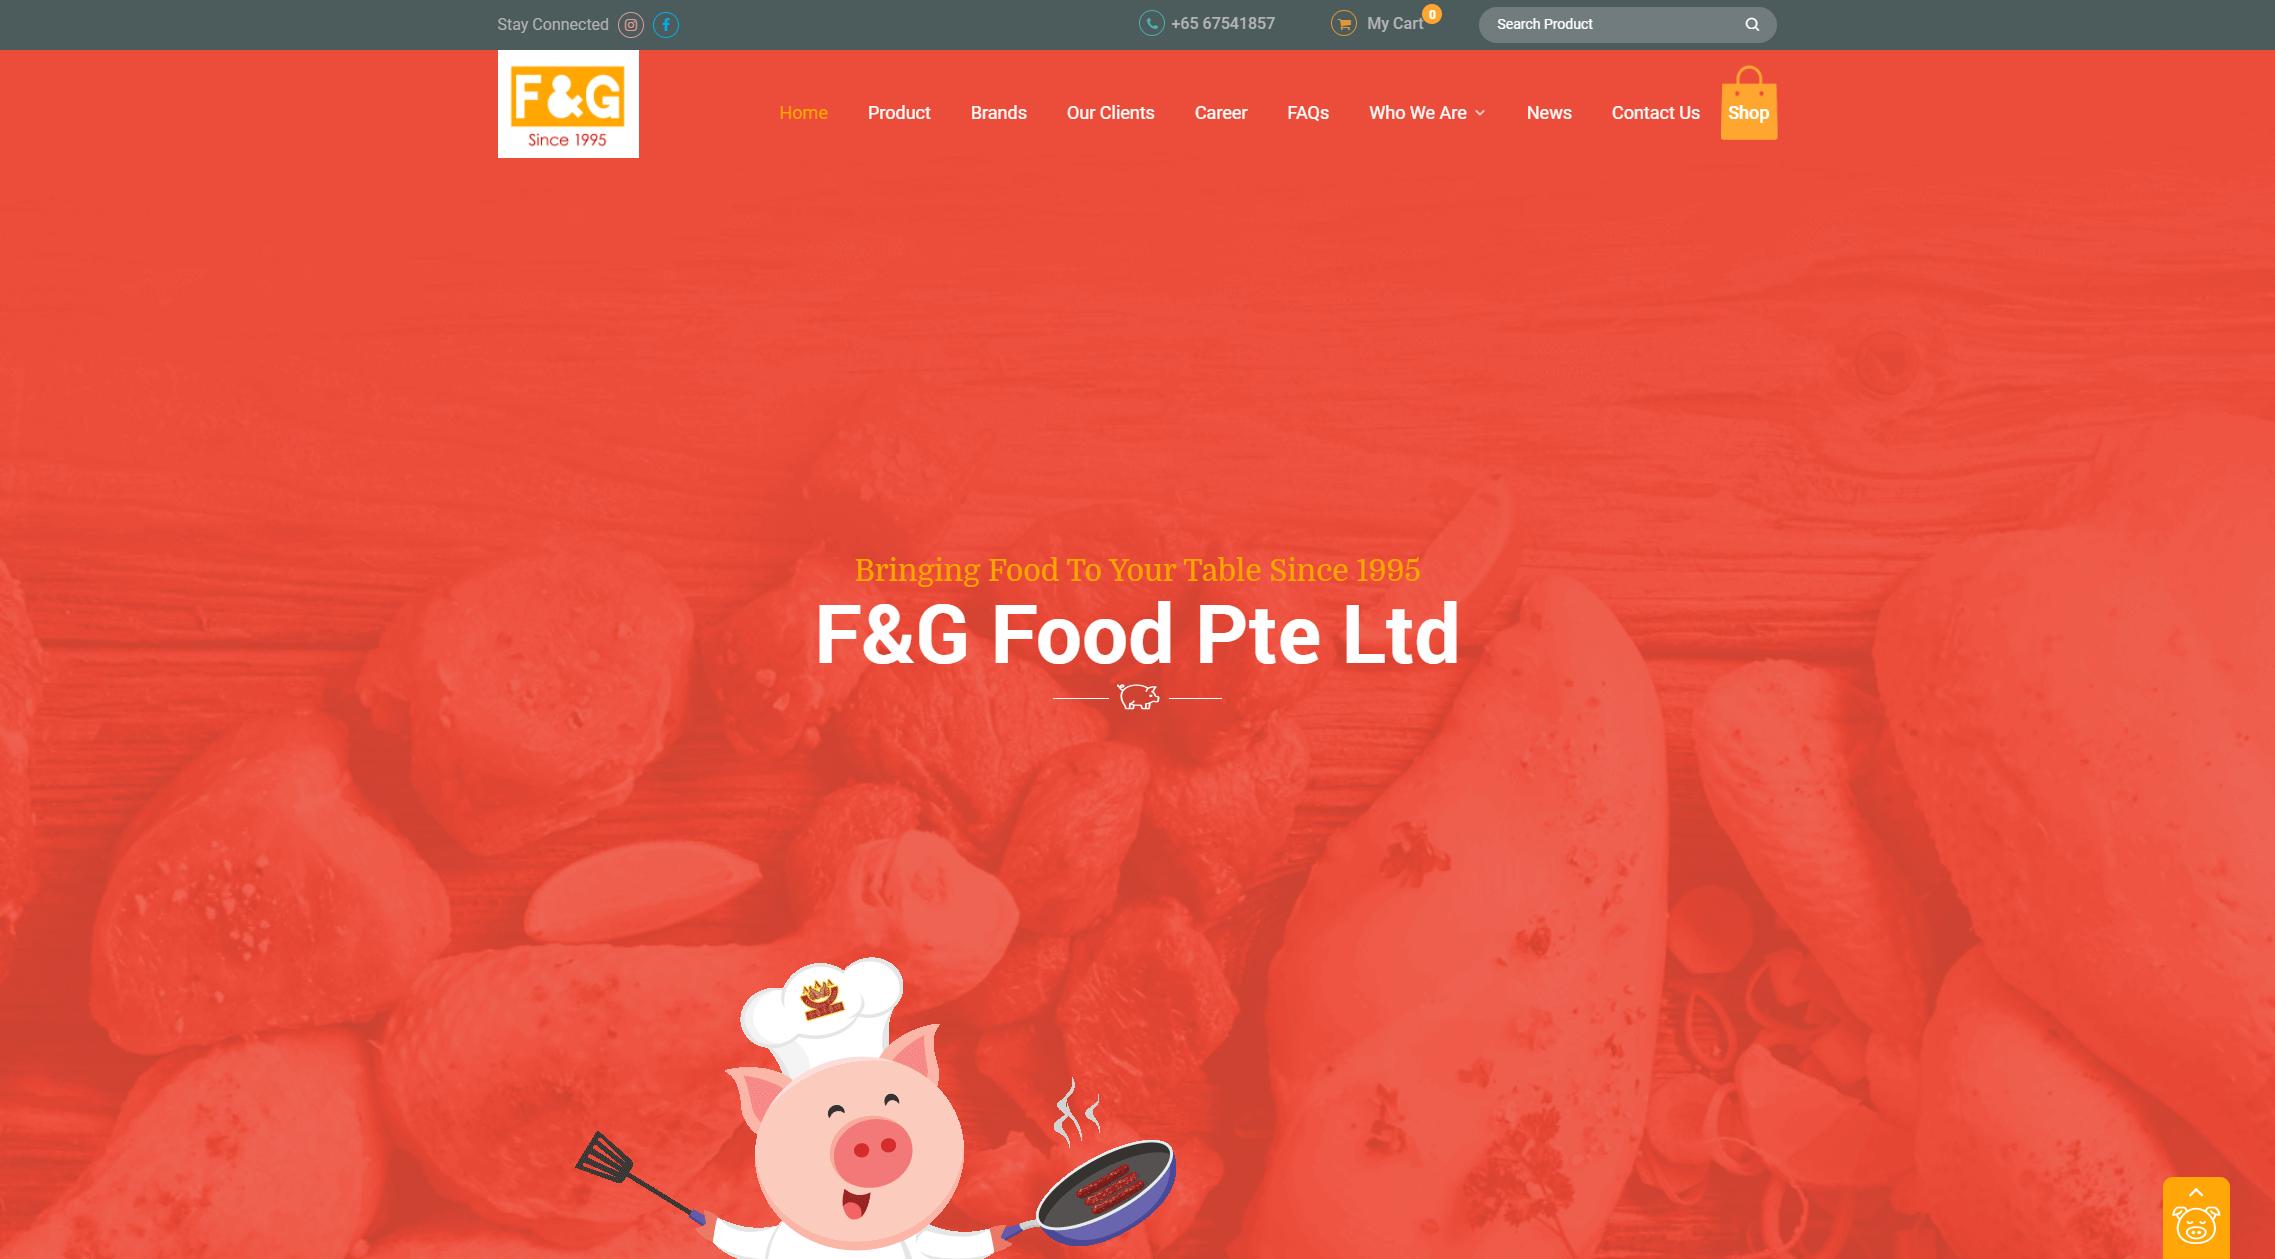 fgfood.com.sg